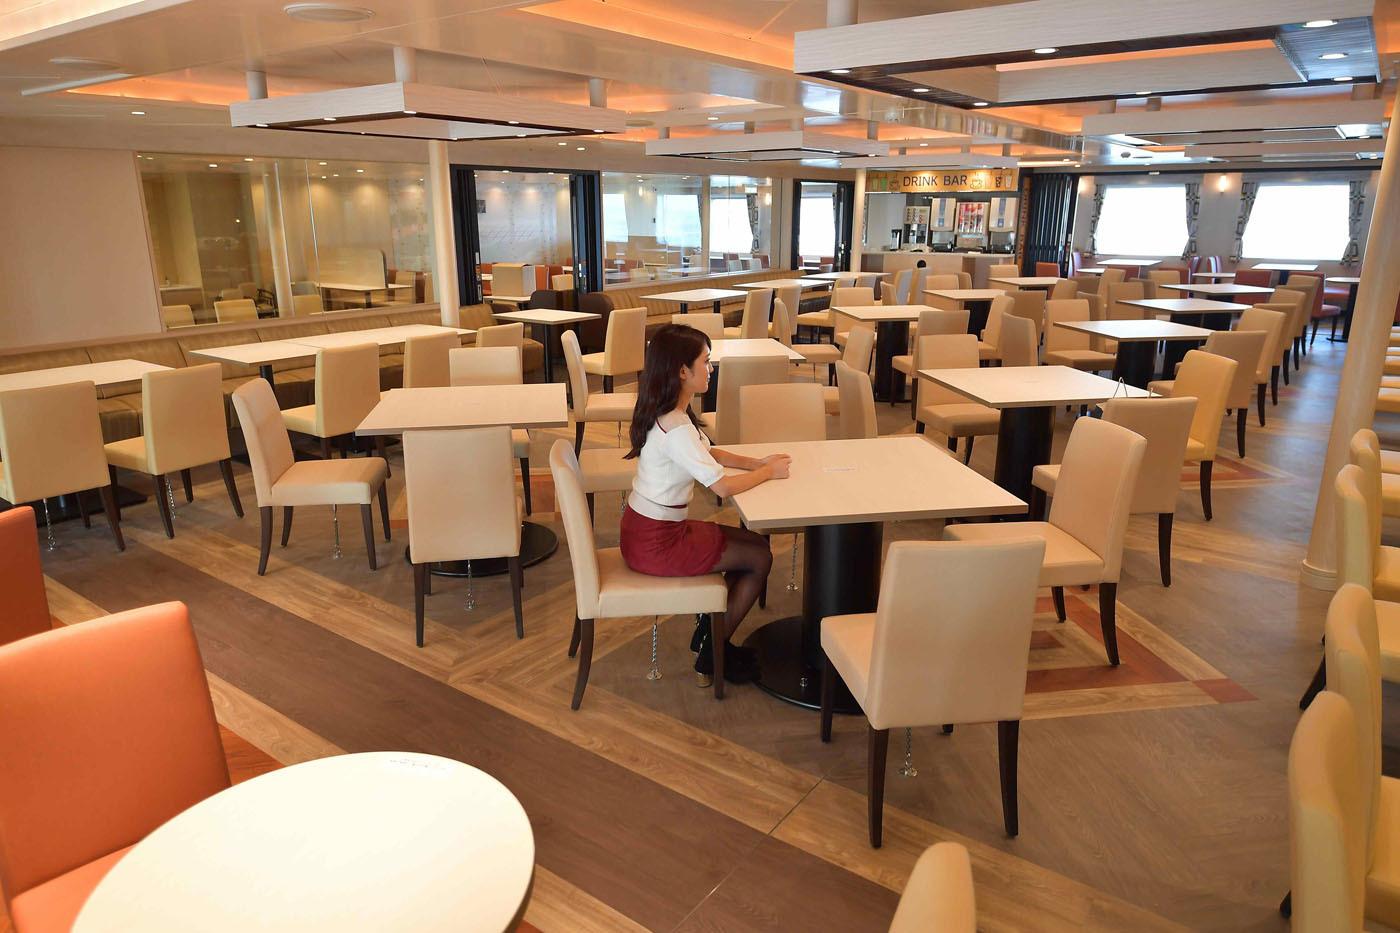 船内には豪華なレストランもあって、海を眺めながら夕・朝・昼食を楽しめる。水平線を眺めながら美味しい食事に舌鼓を打つ。なんという贅沢